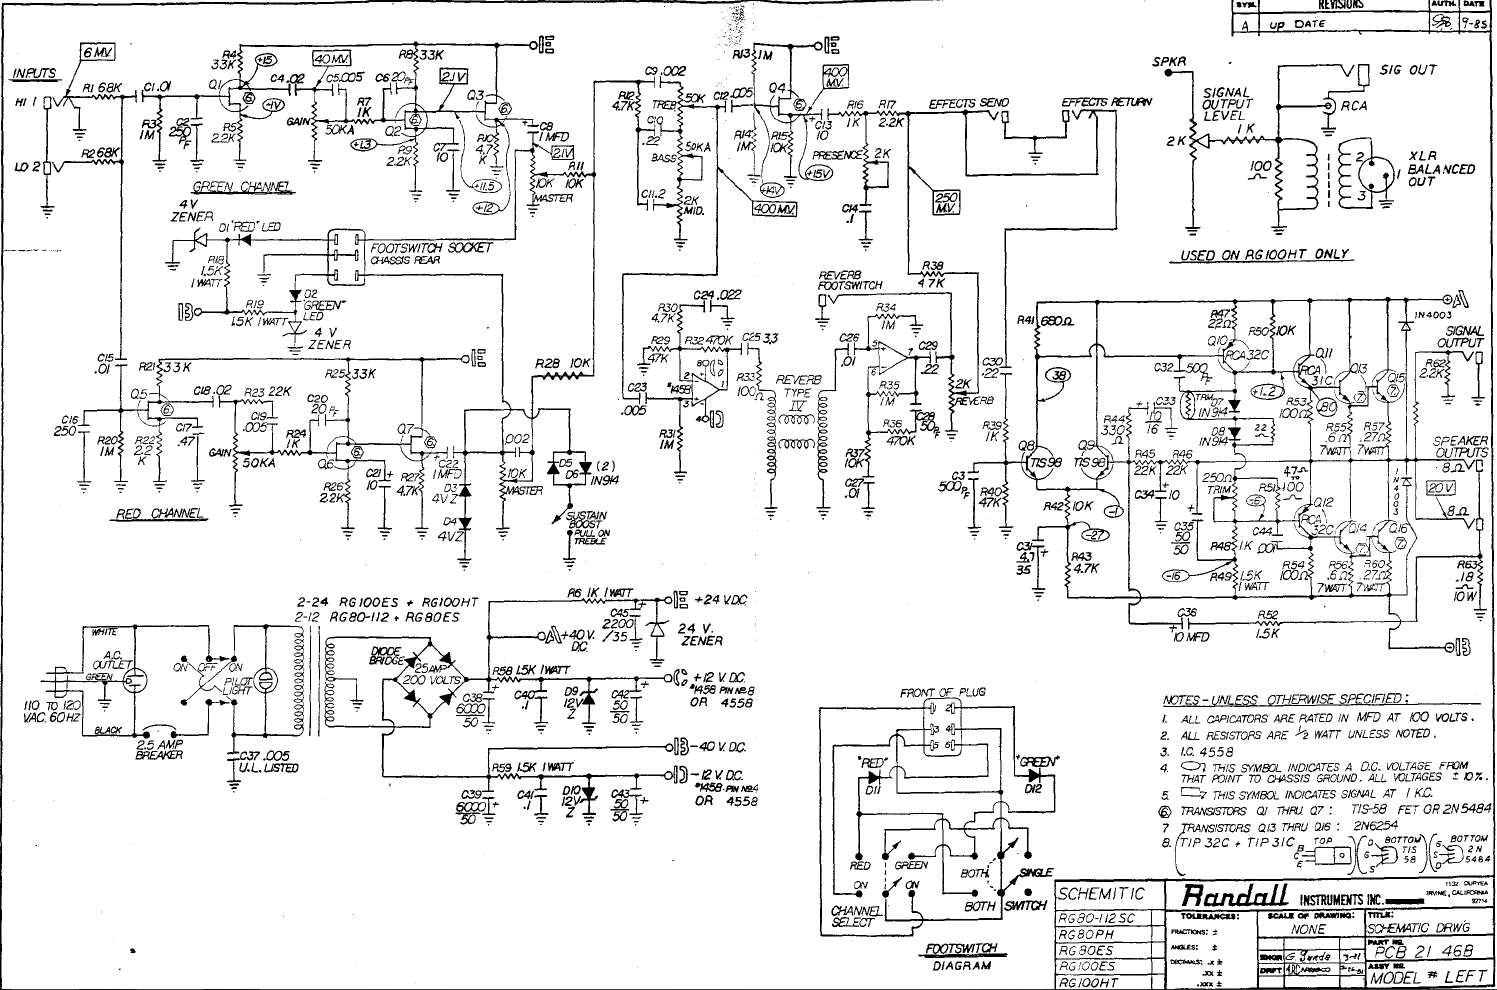 randall schematics tube amp schematics rh el34world com Randall RG100ES Review Randall RG100ES Schematic